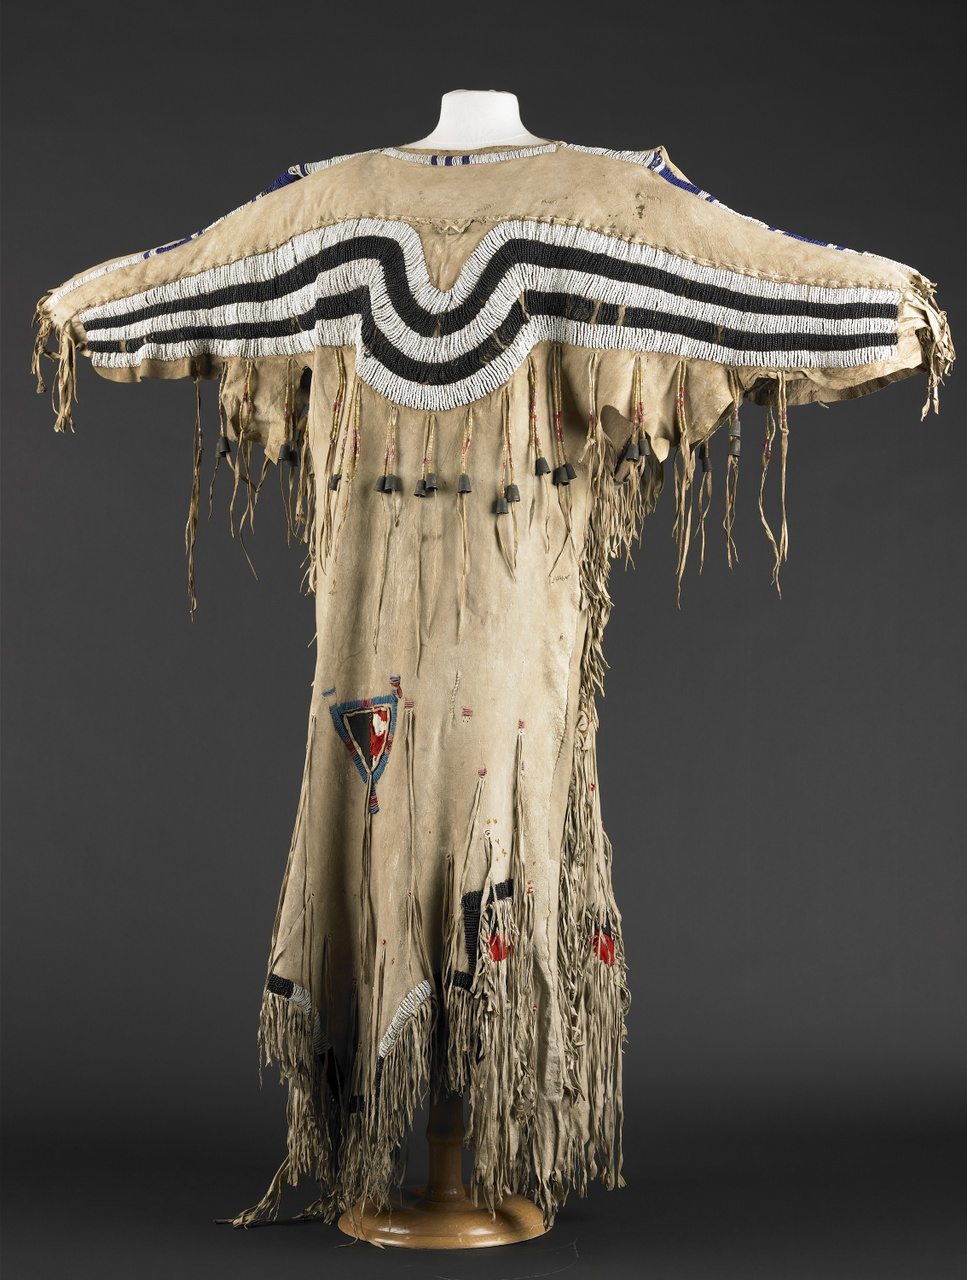 Leren jurk gedragen door een Zwartvoet Indiaanse vrouw, Zwartvoet Indianen (volk)